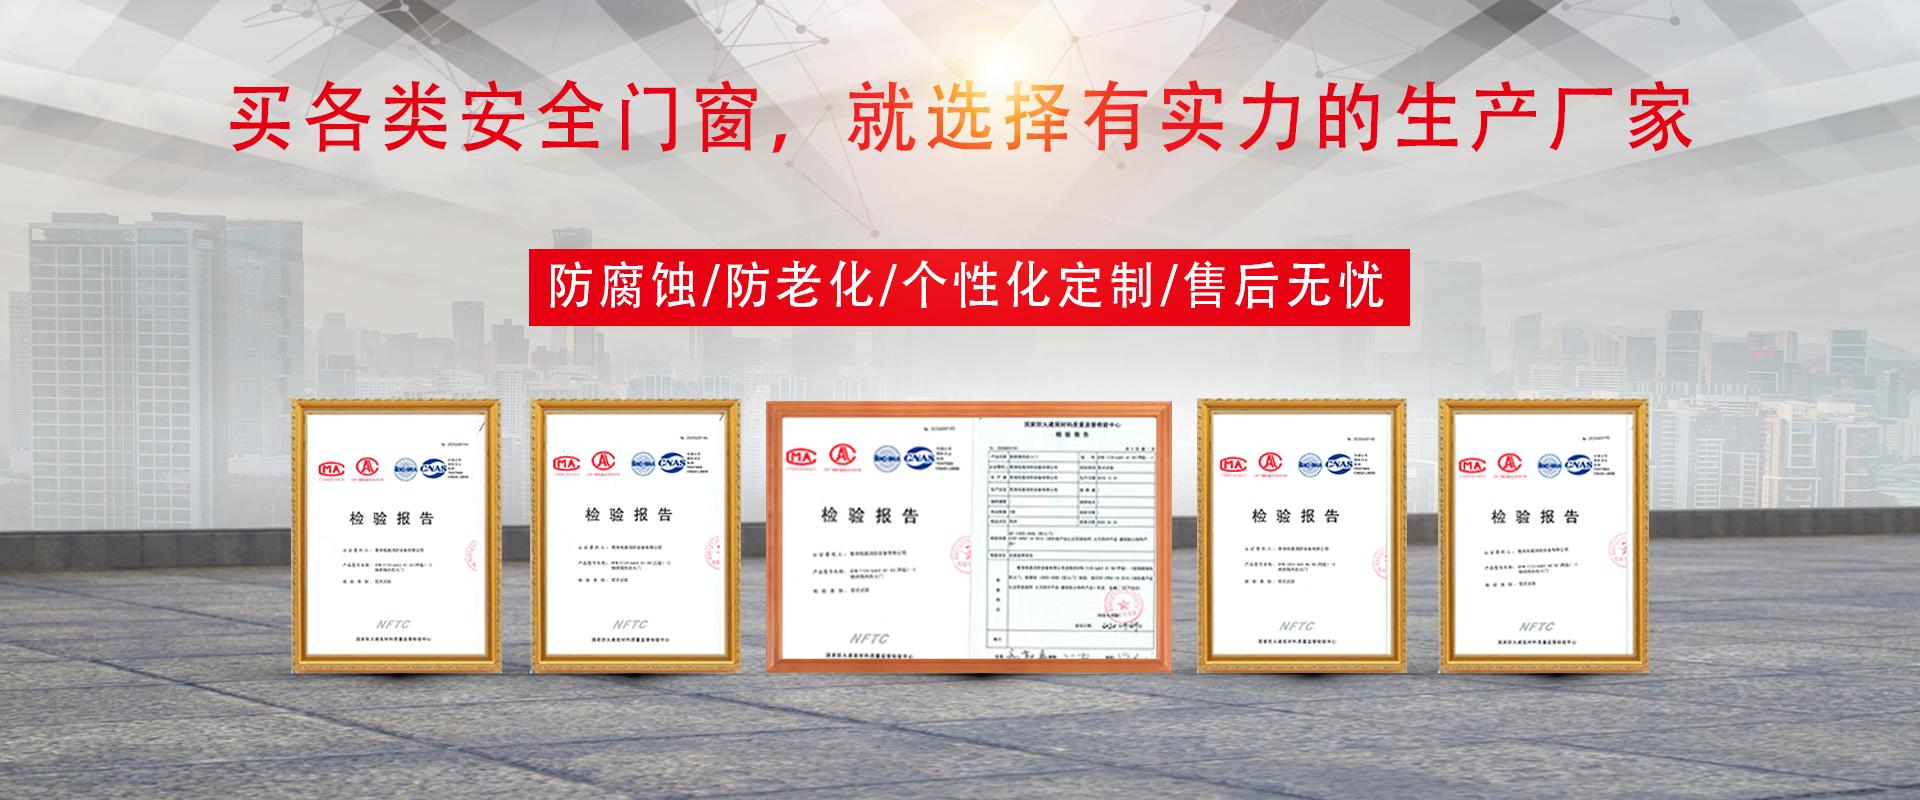 西宁雷竞技newbee官网